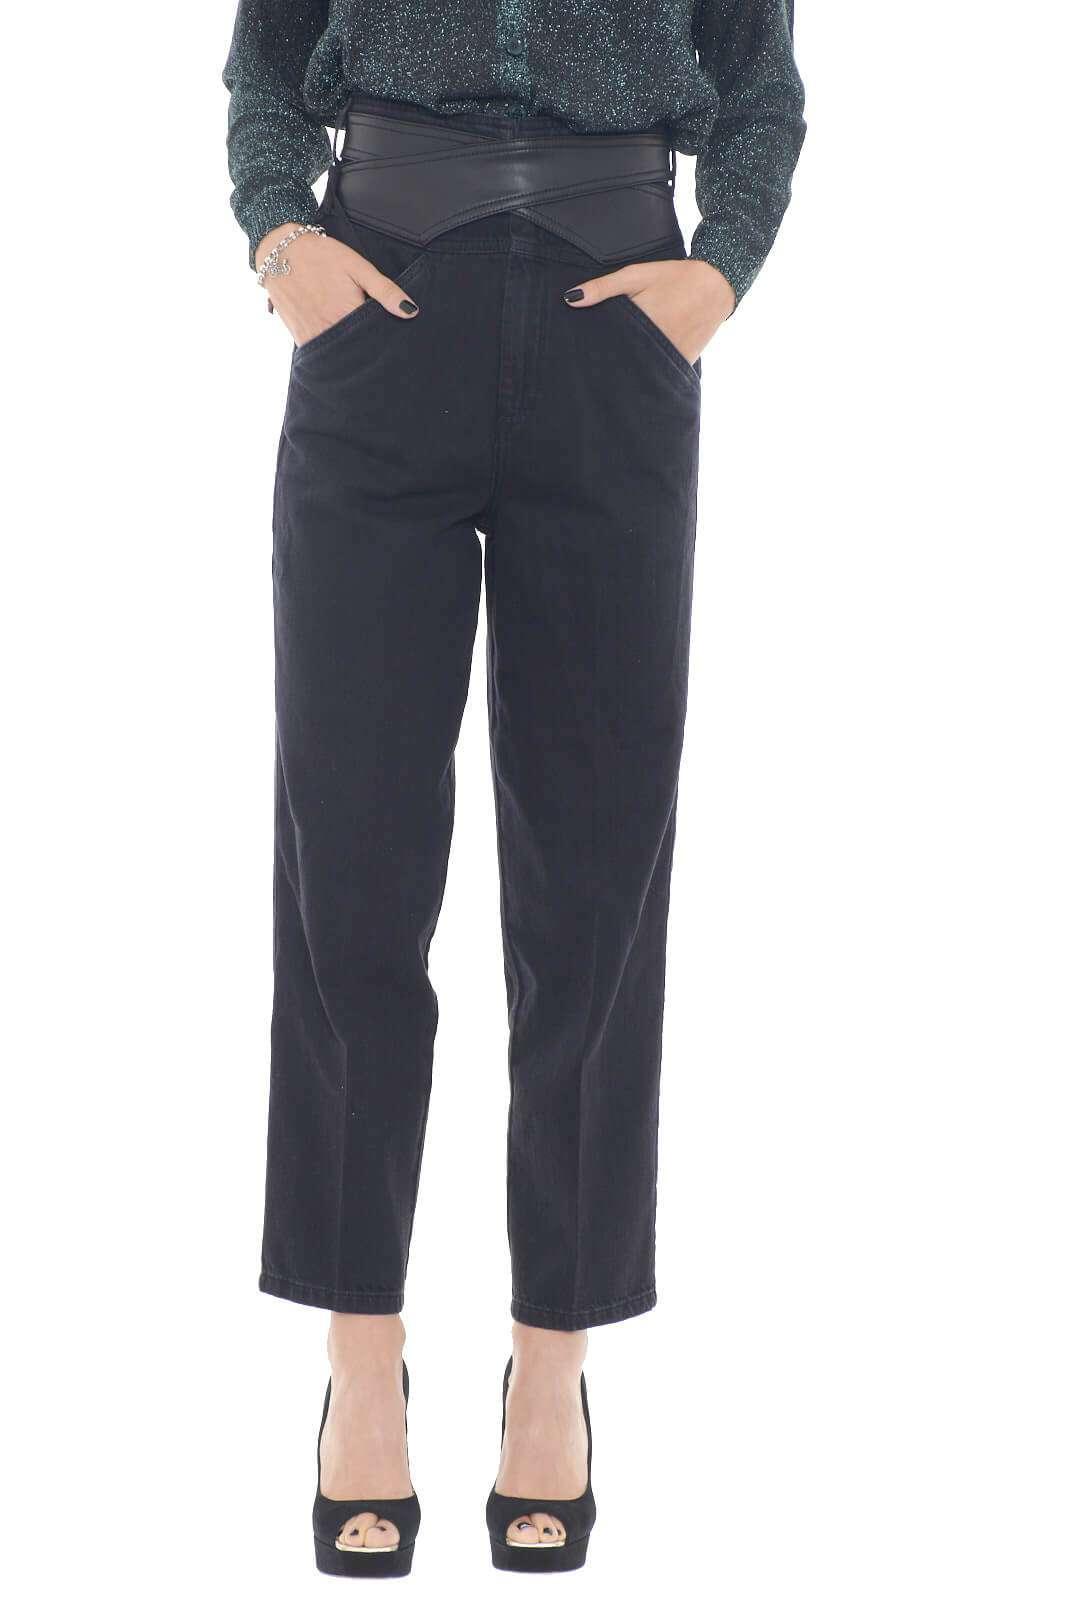 Glamour e dal fascino ineguagliabile il nuovo jeans Pinko dalla vita alta con inserto in similpelle.  La vestibilità morbida e il tessuto denim lo rendono confortevole e adatto con ogni stile.  Perfetto con un top o con una maglia per vivere con stile il look quotidiano.